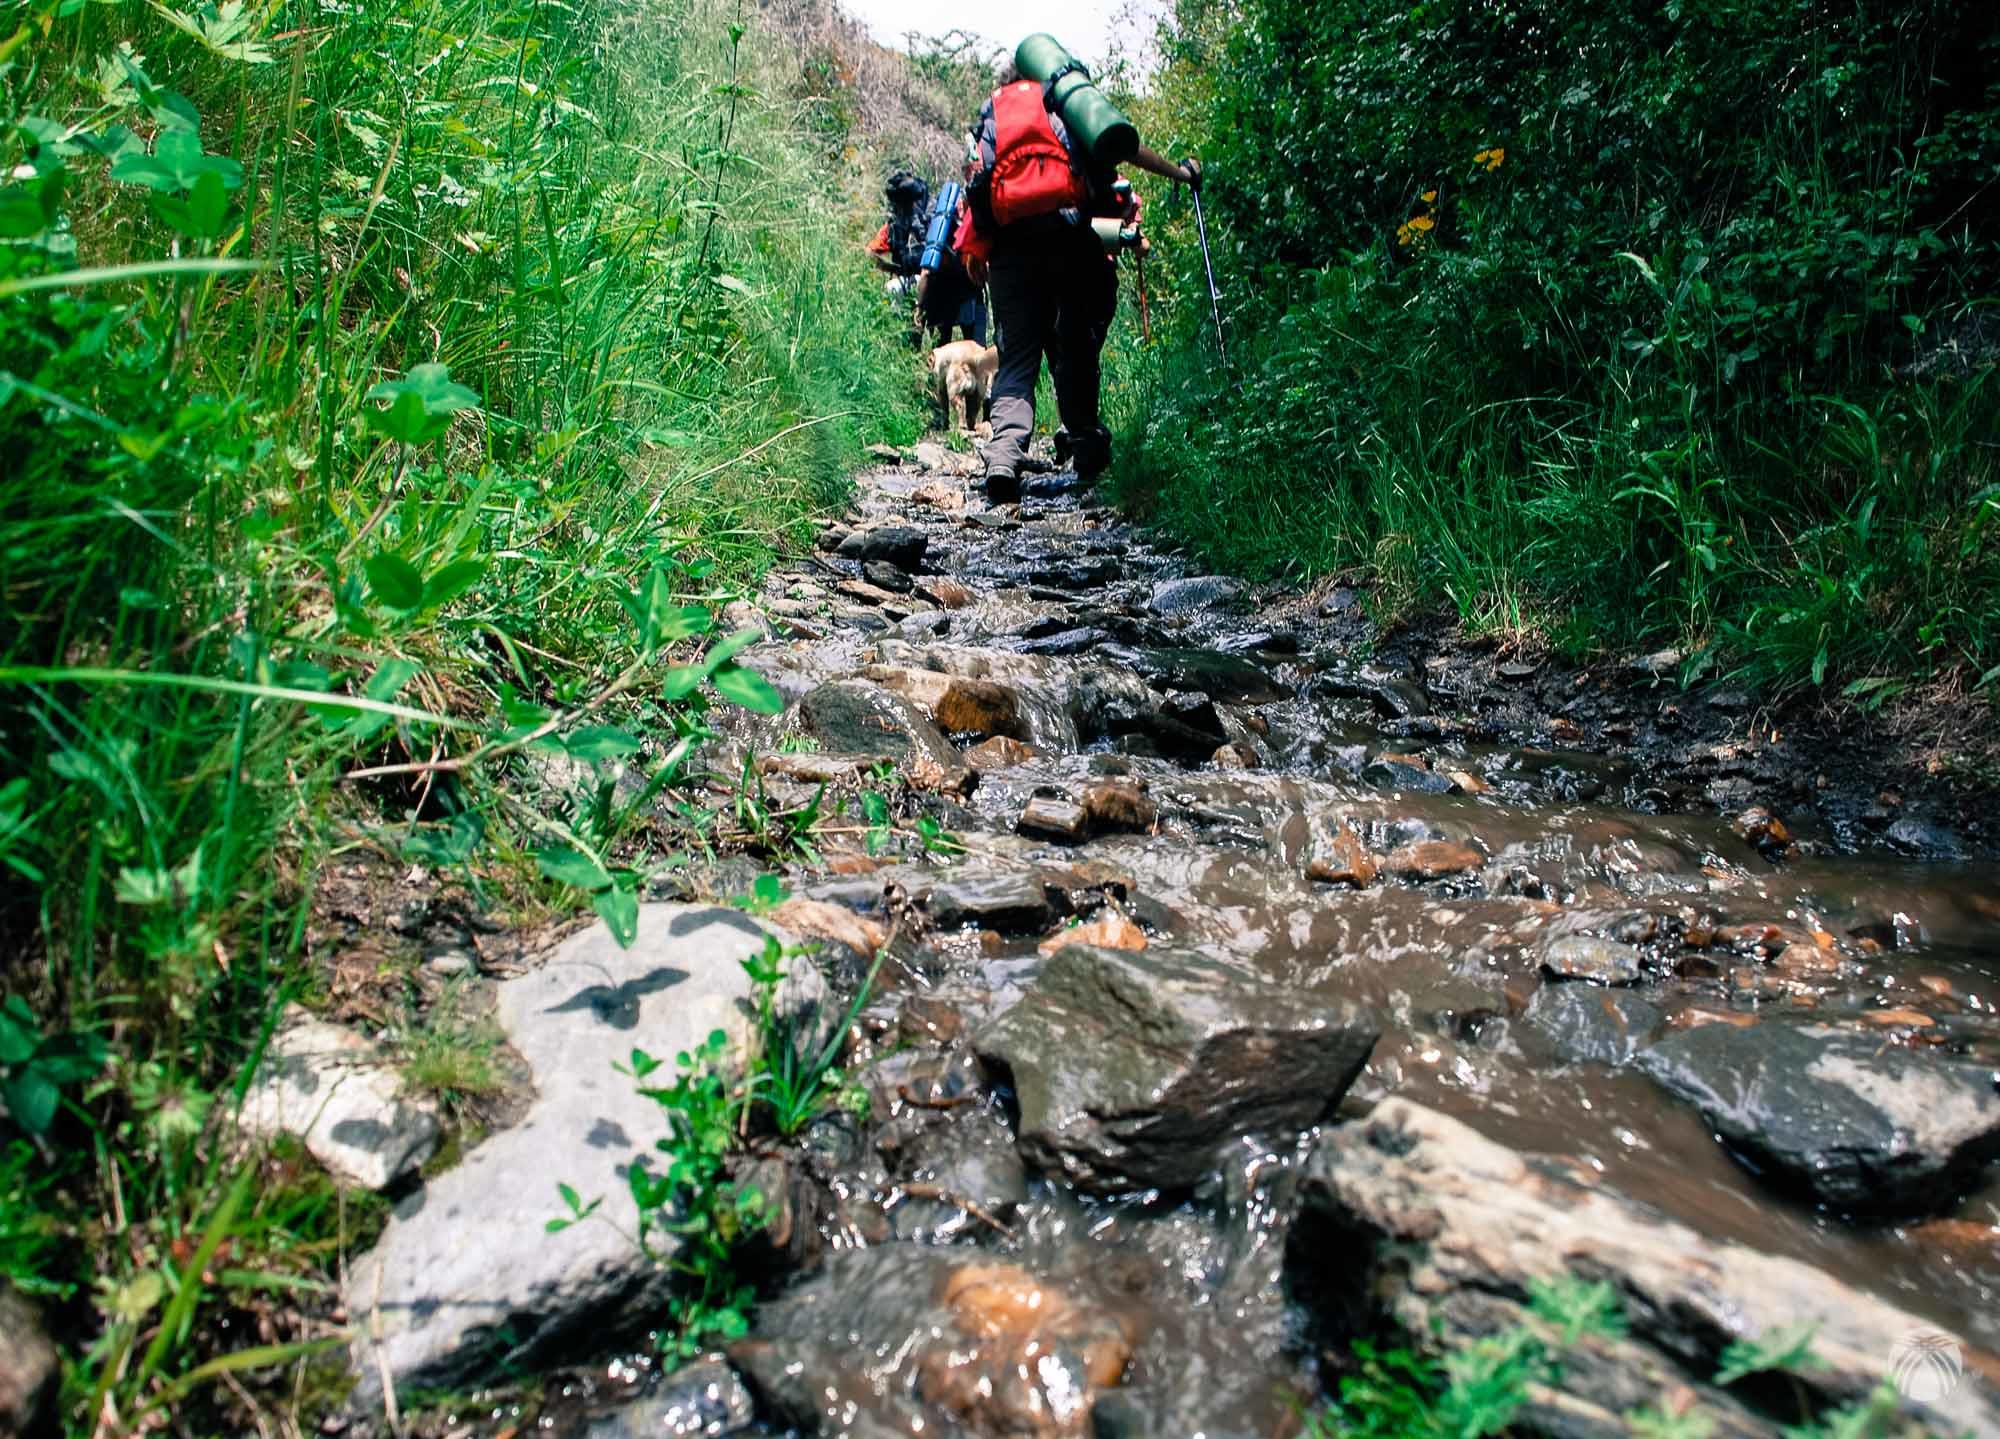 ¿Es un camino o un arroyo?